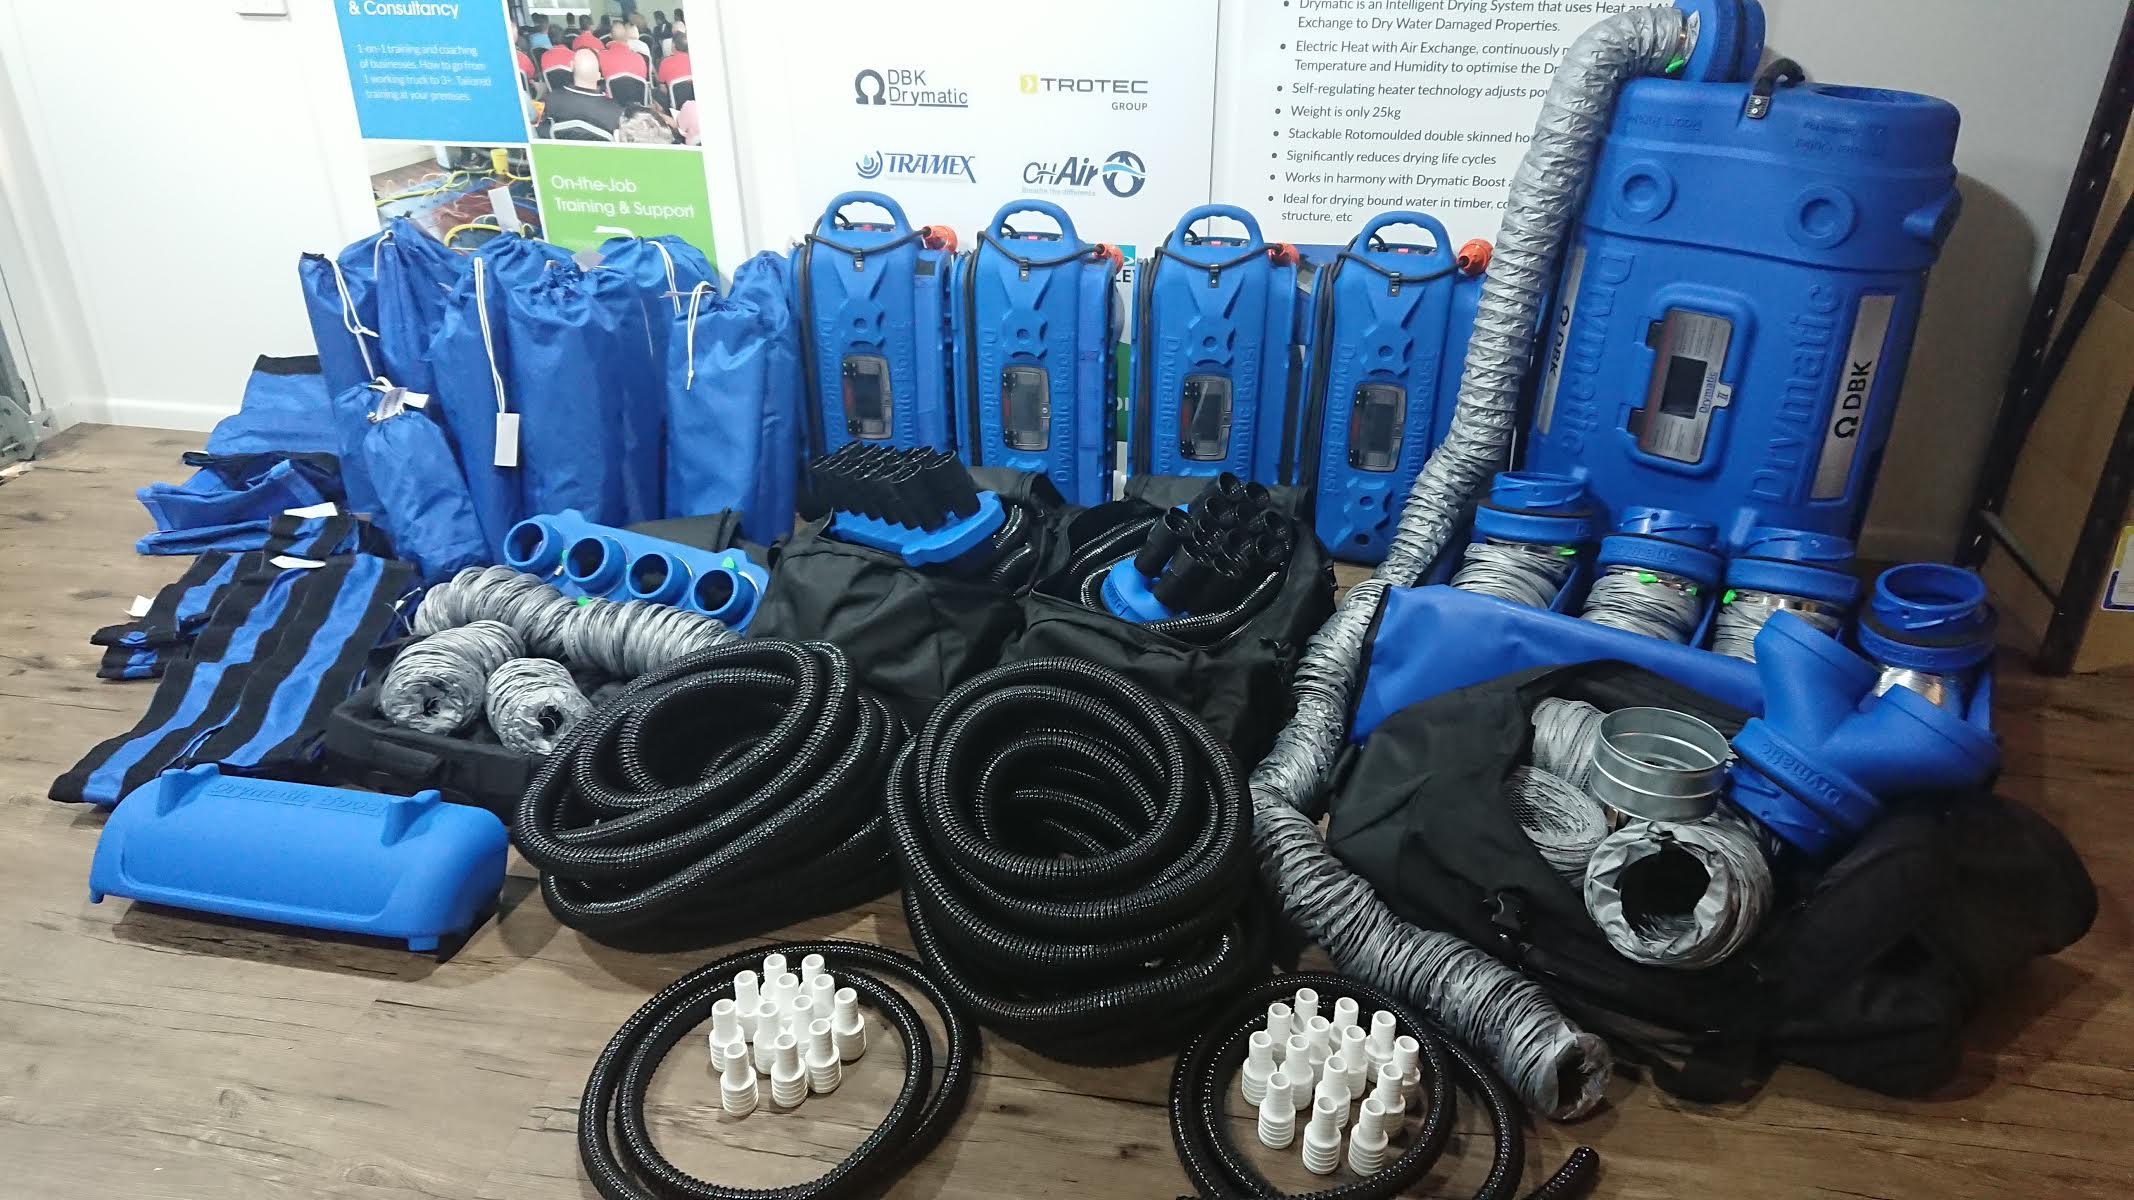 The Drymatic Expert Restorers Start-Up Kit